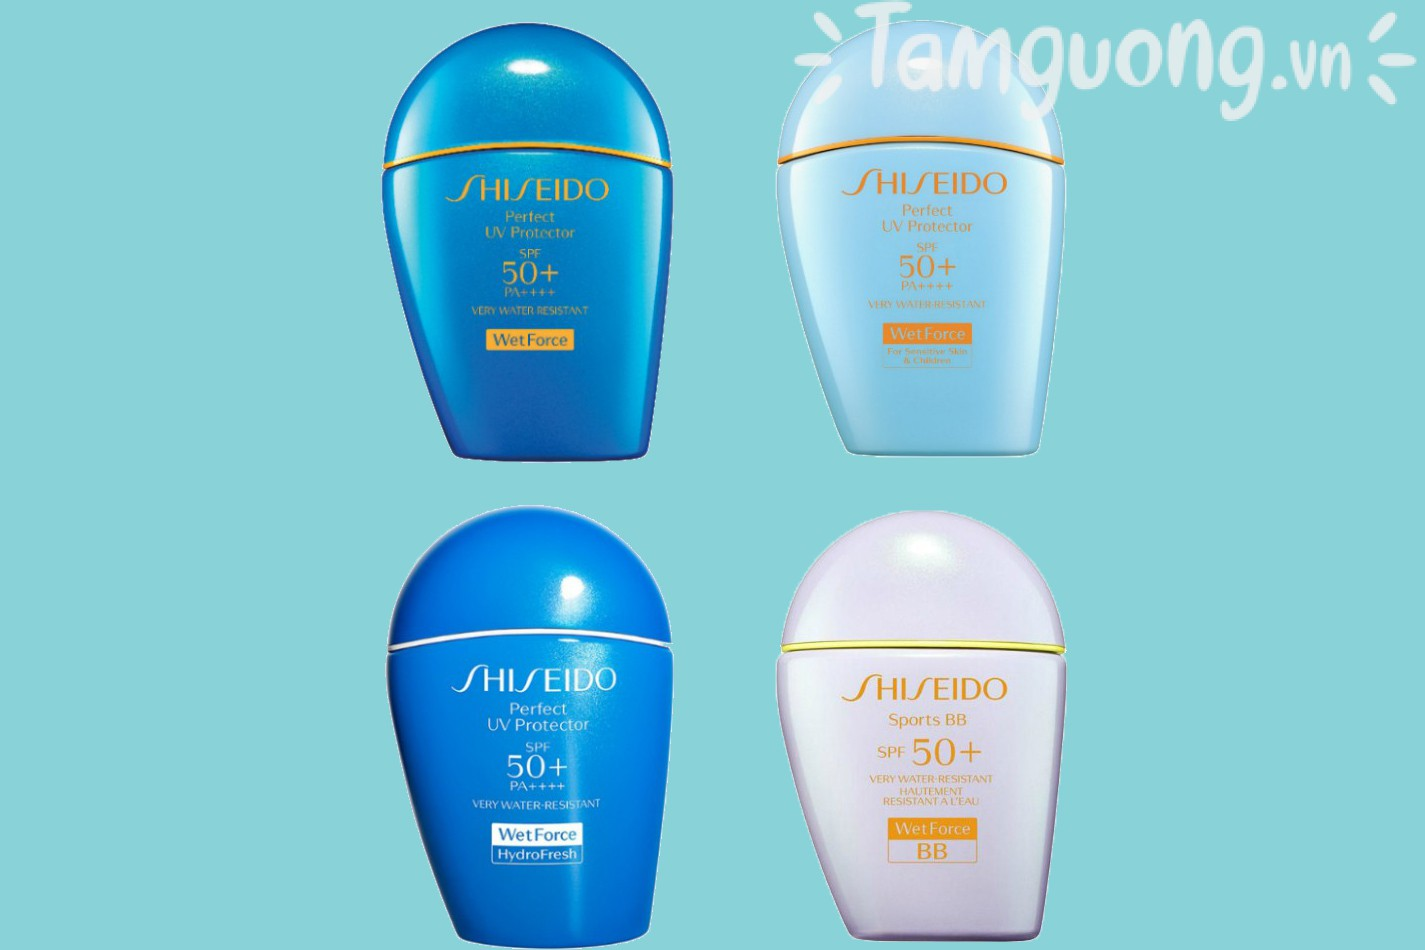 Kem chống nắng Shiseido Nhật Bản